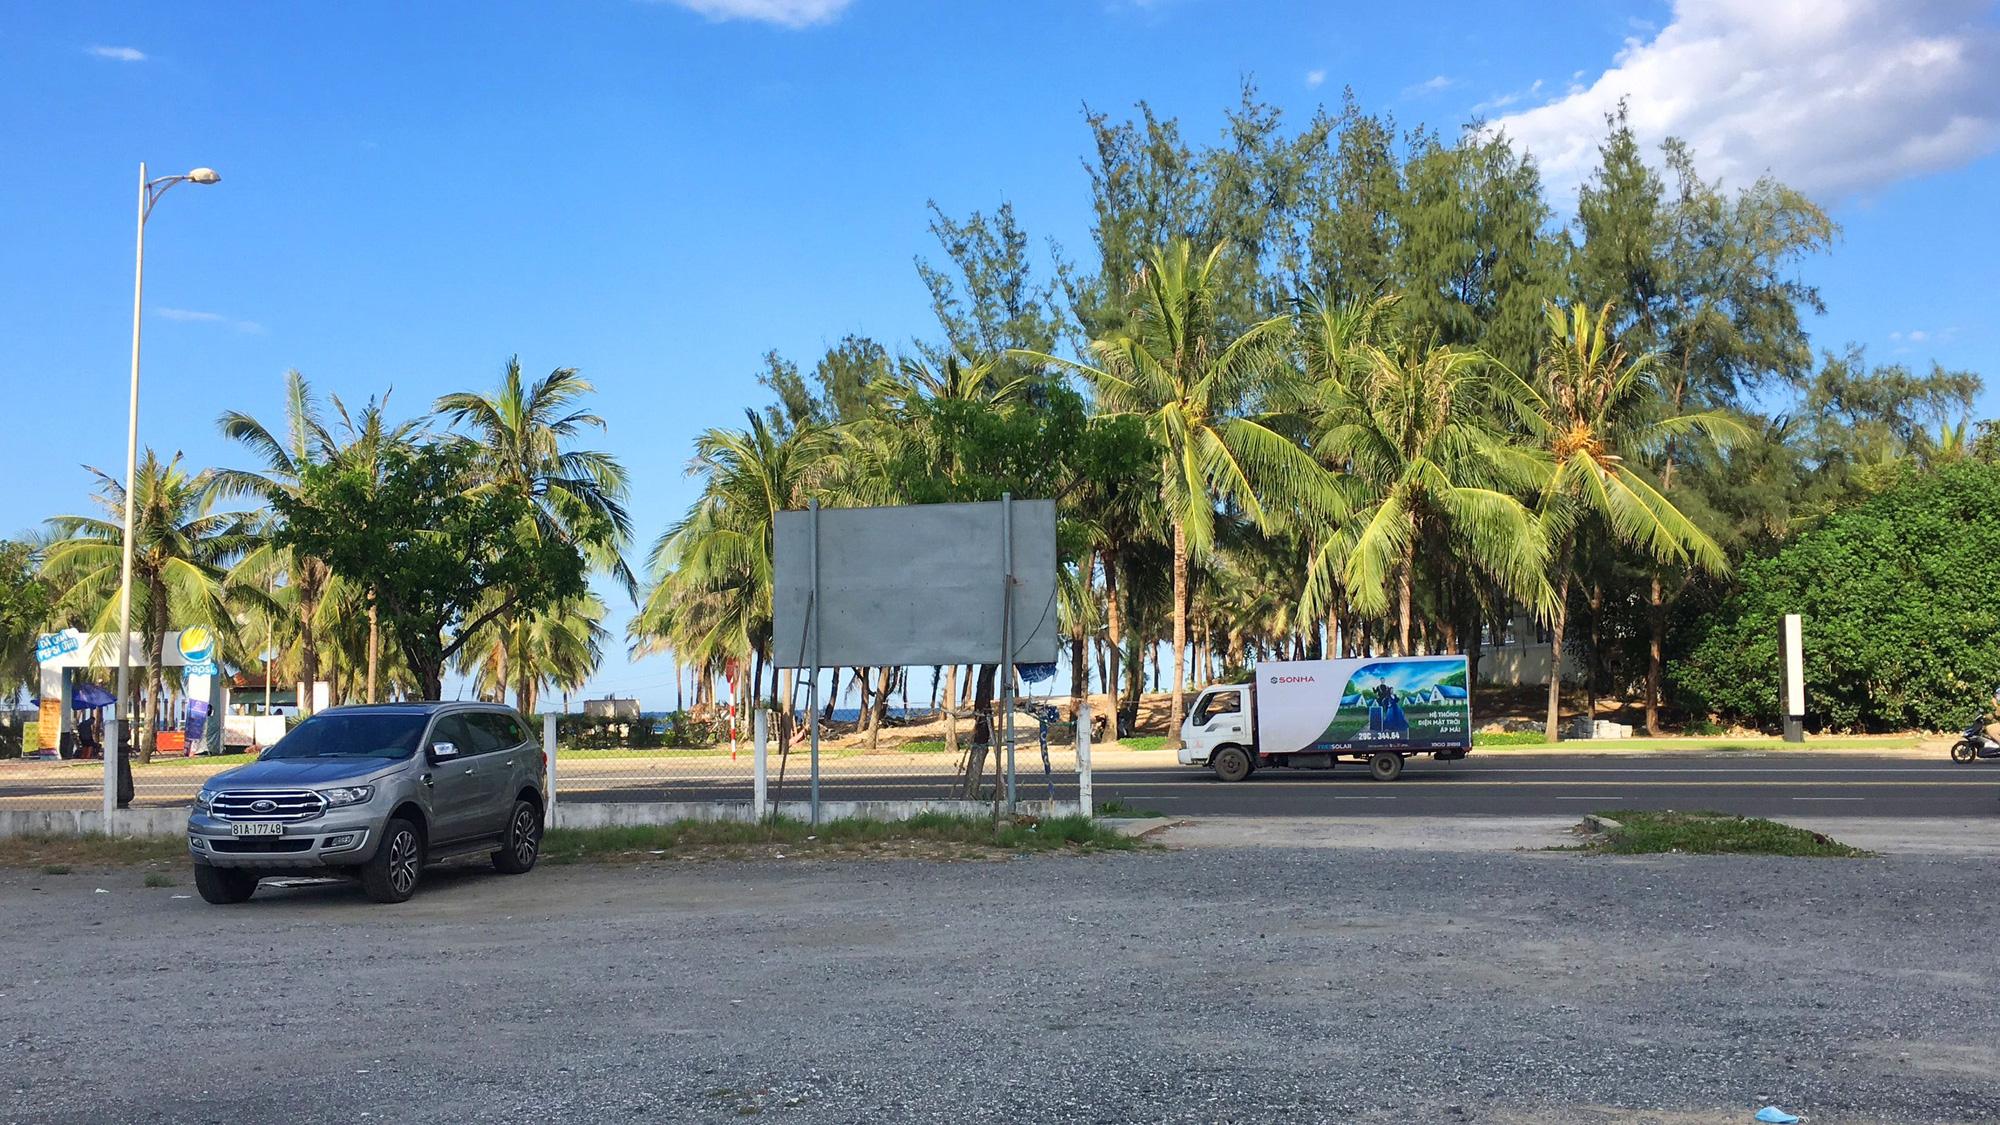 Cận cảnh hai khu đất sát bãi biển Mỹ Khê đẹp nhất Đà Nẵng sẽ đấu giá làm bãi đỗ xe - Ảnh 9.